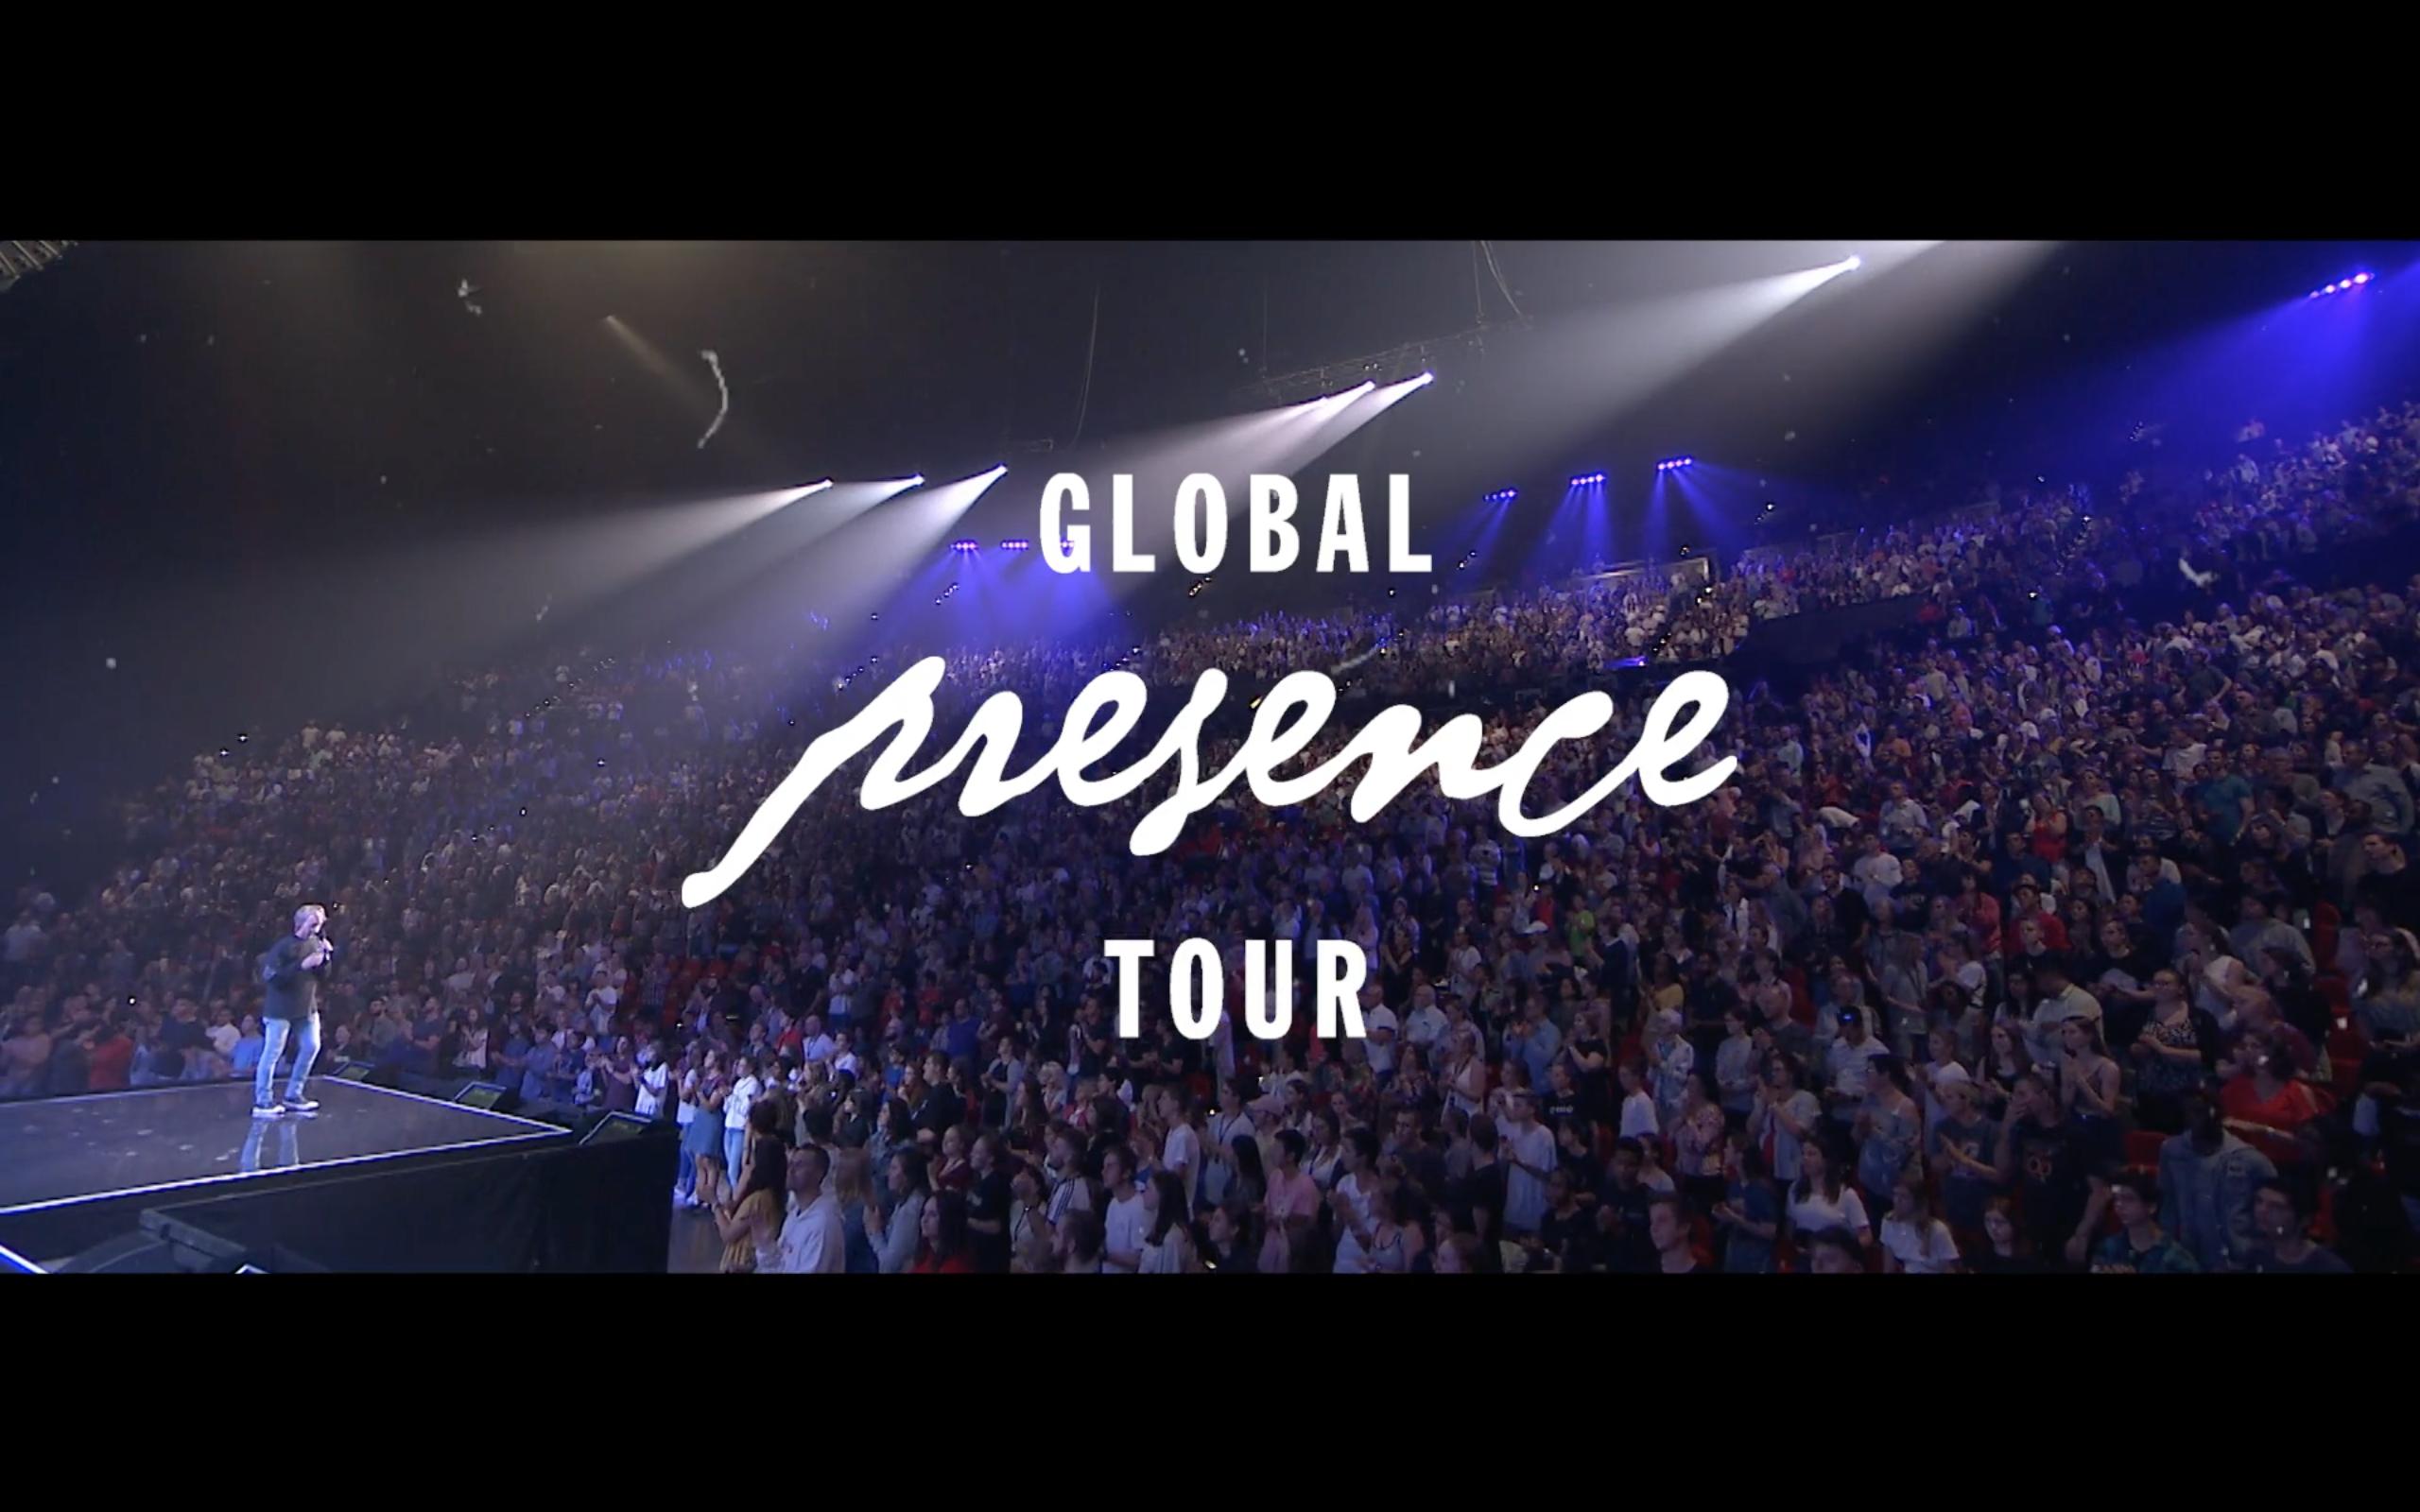 Global Presence Tour